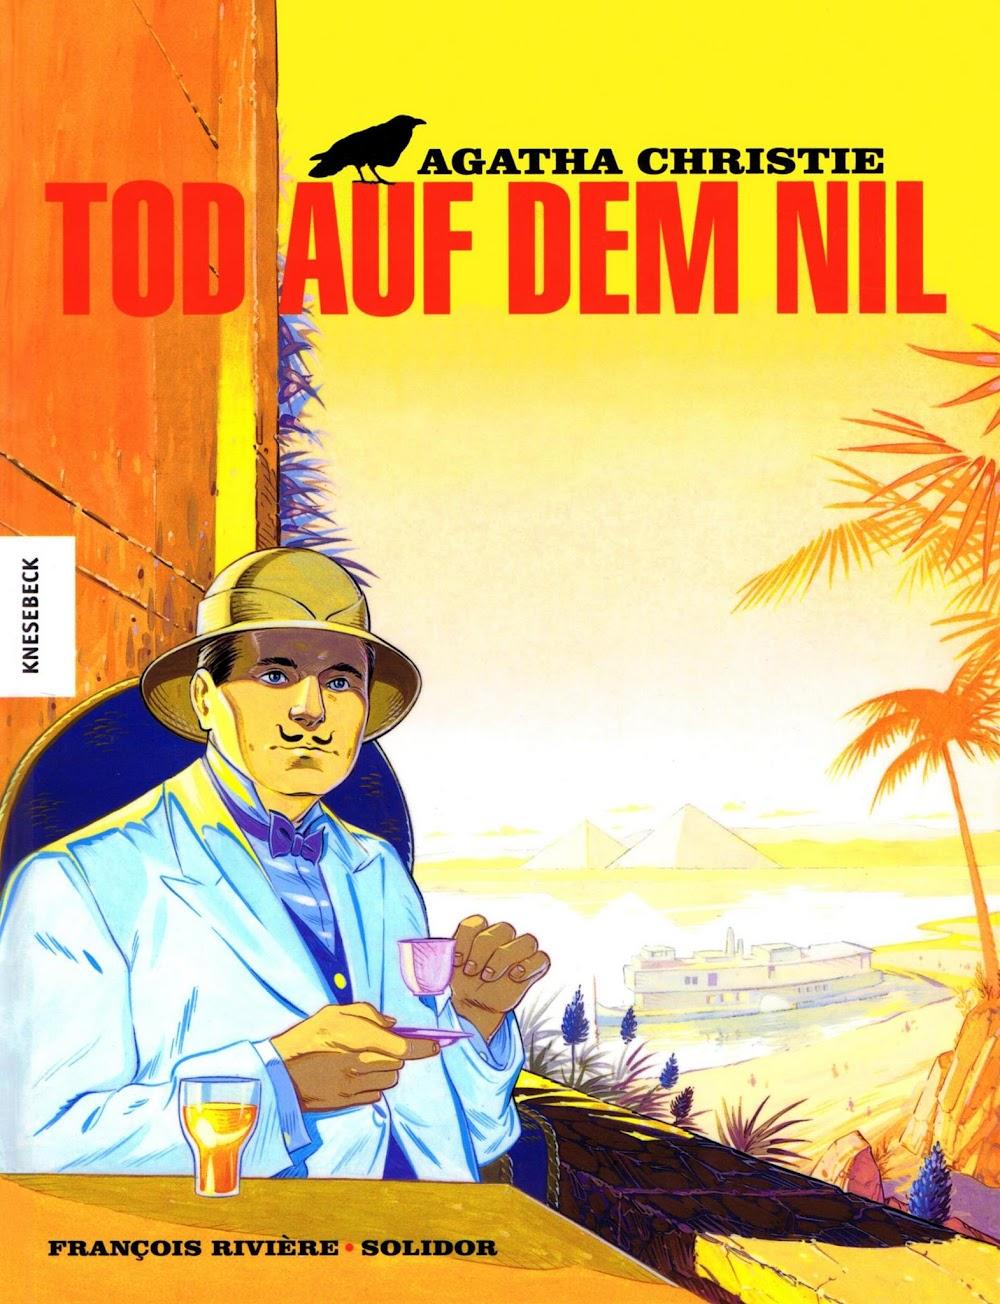 Agatha Christie - Tod auf dem Nil (2011)